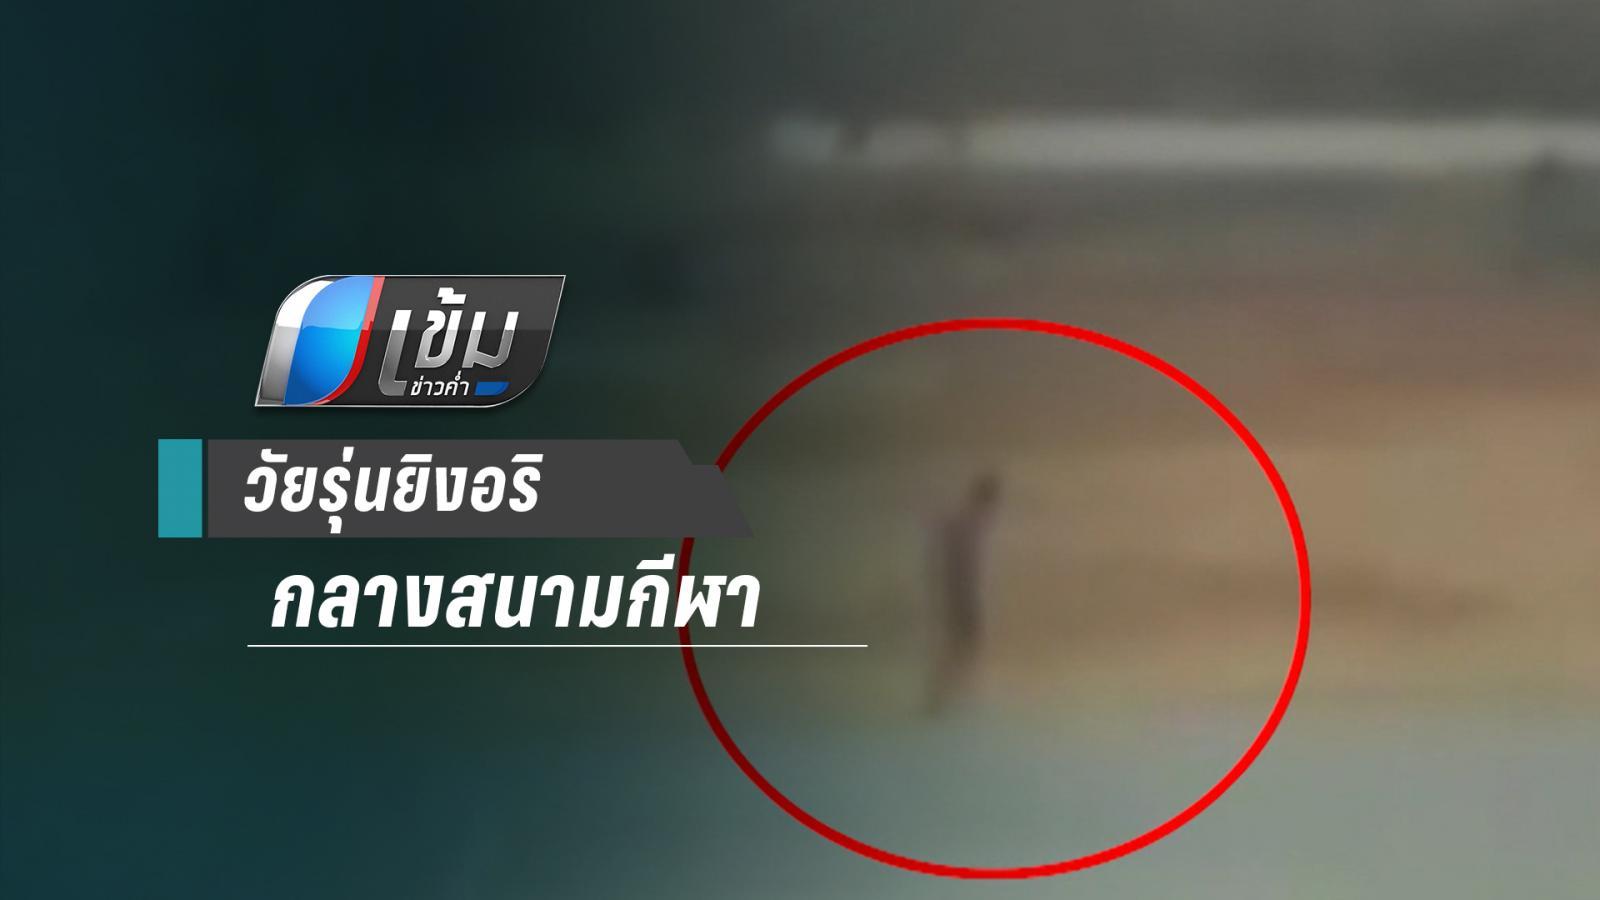 มอบตัว !! 7 วัยรุ่น ไล่ยิงคู่อริ กลางสนามกีฬา